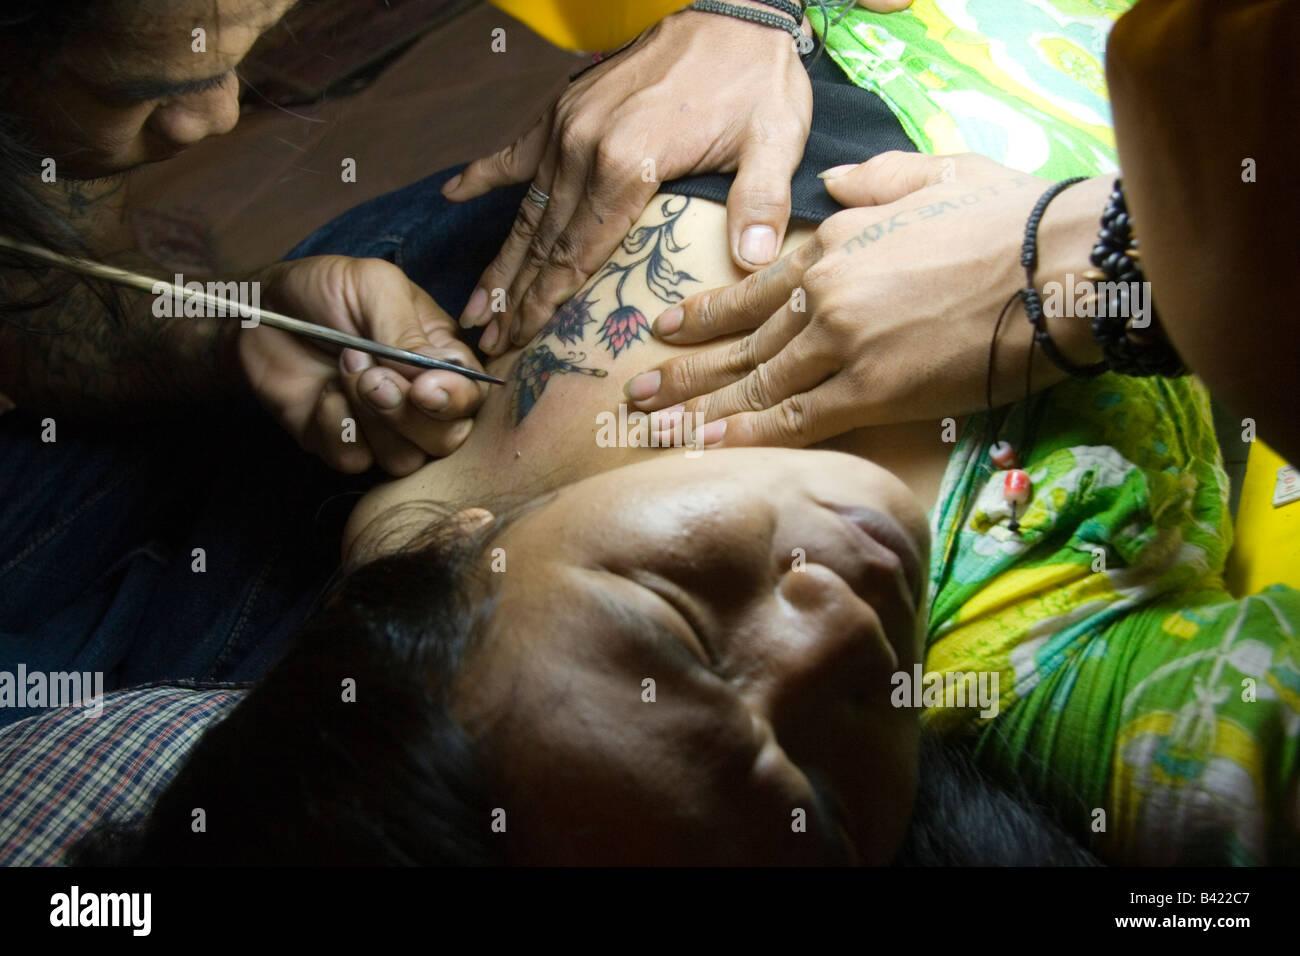 Thai Girl Getting Handmade Tattoo Thailand